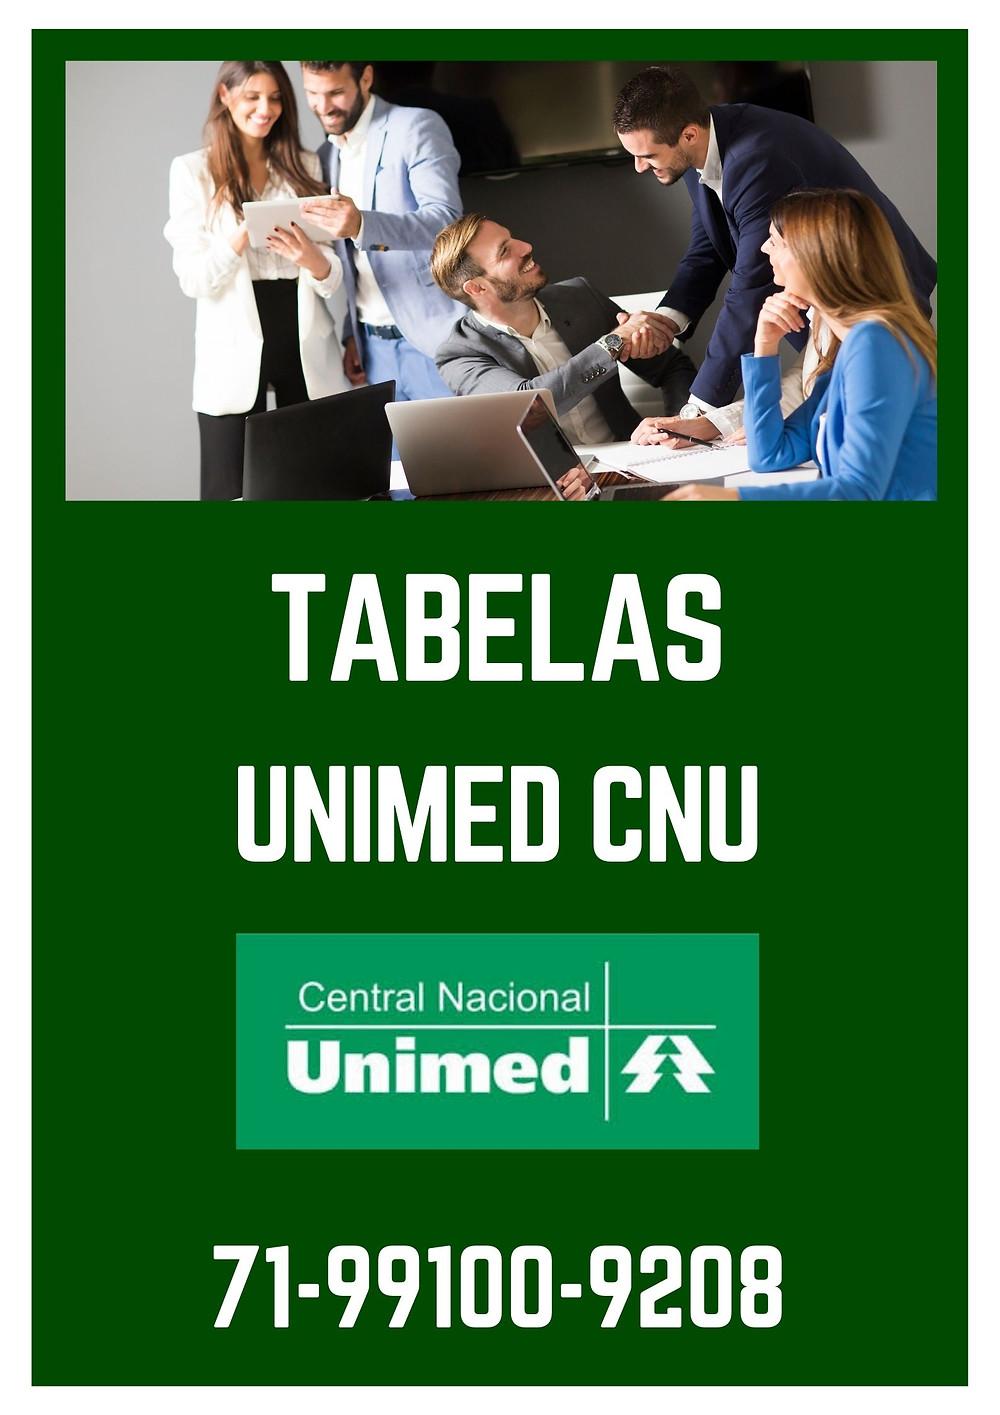 TABELAS ATUALIZADAS (UNIMED 0865)